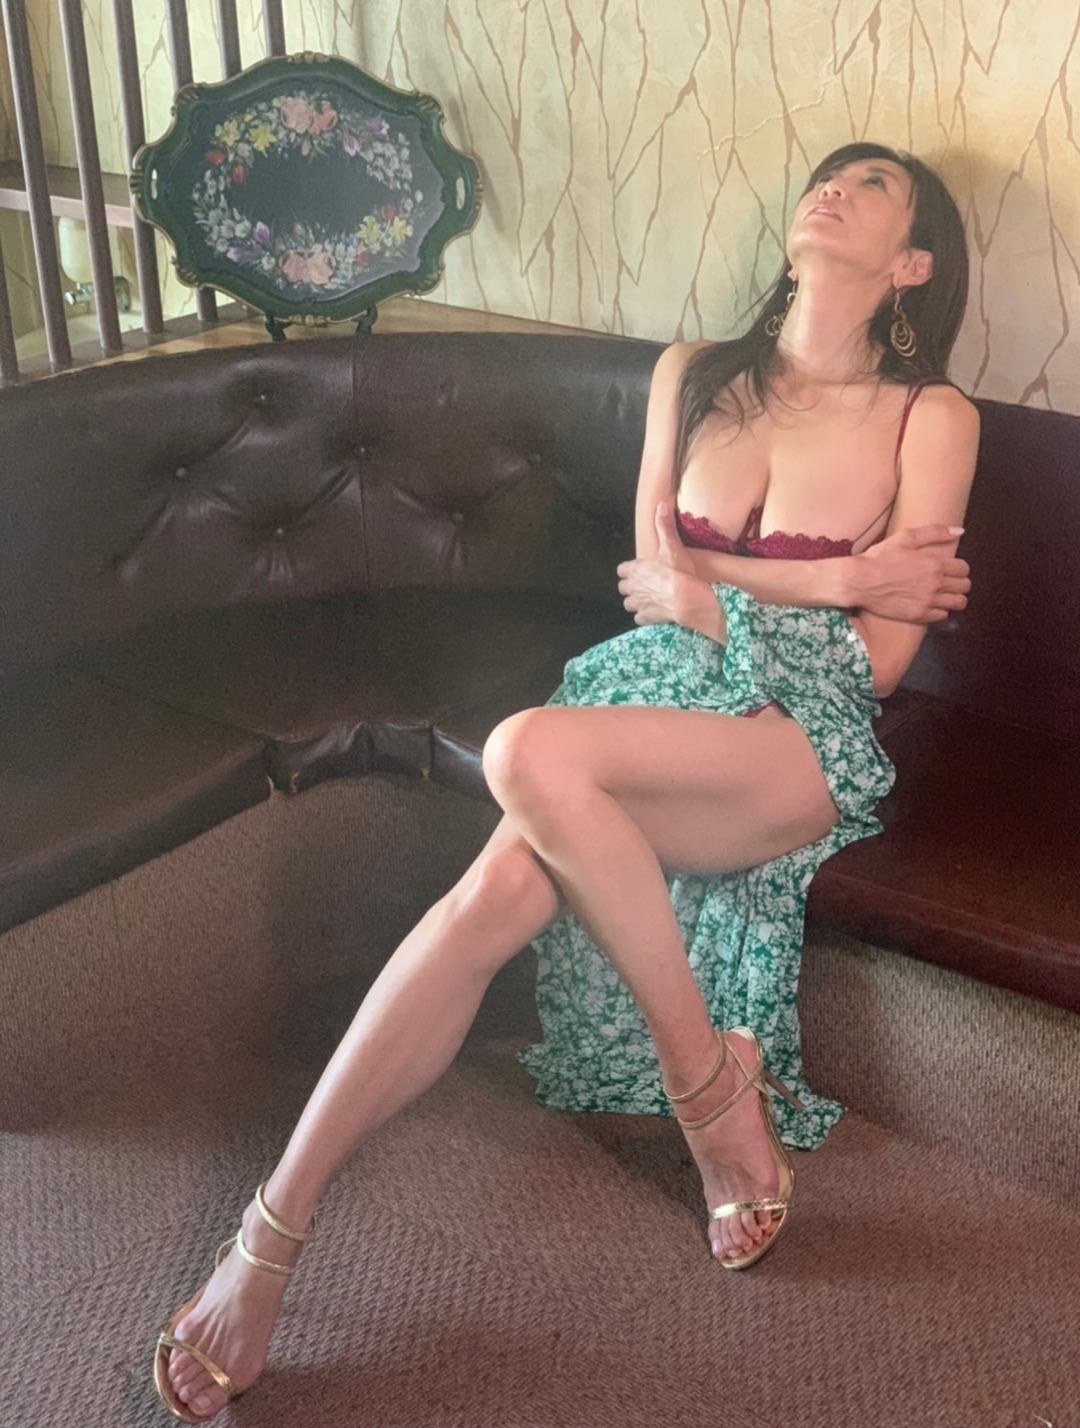 体のラインがエロい下着姿の女体画像wwwwwwwwwwwwww o1080142814878732502